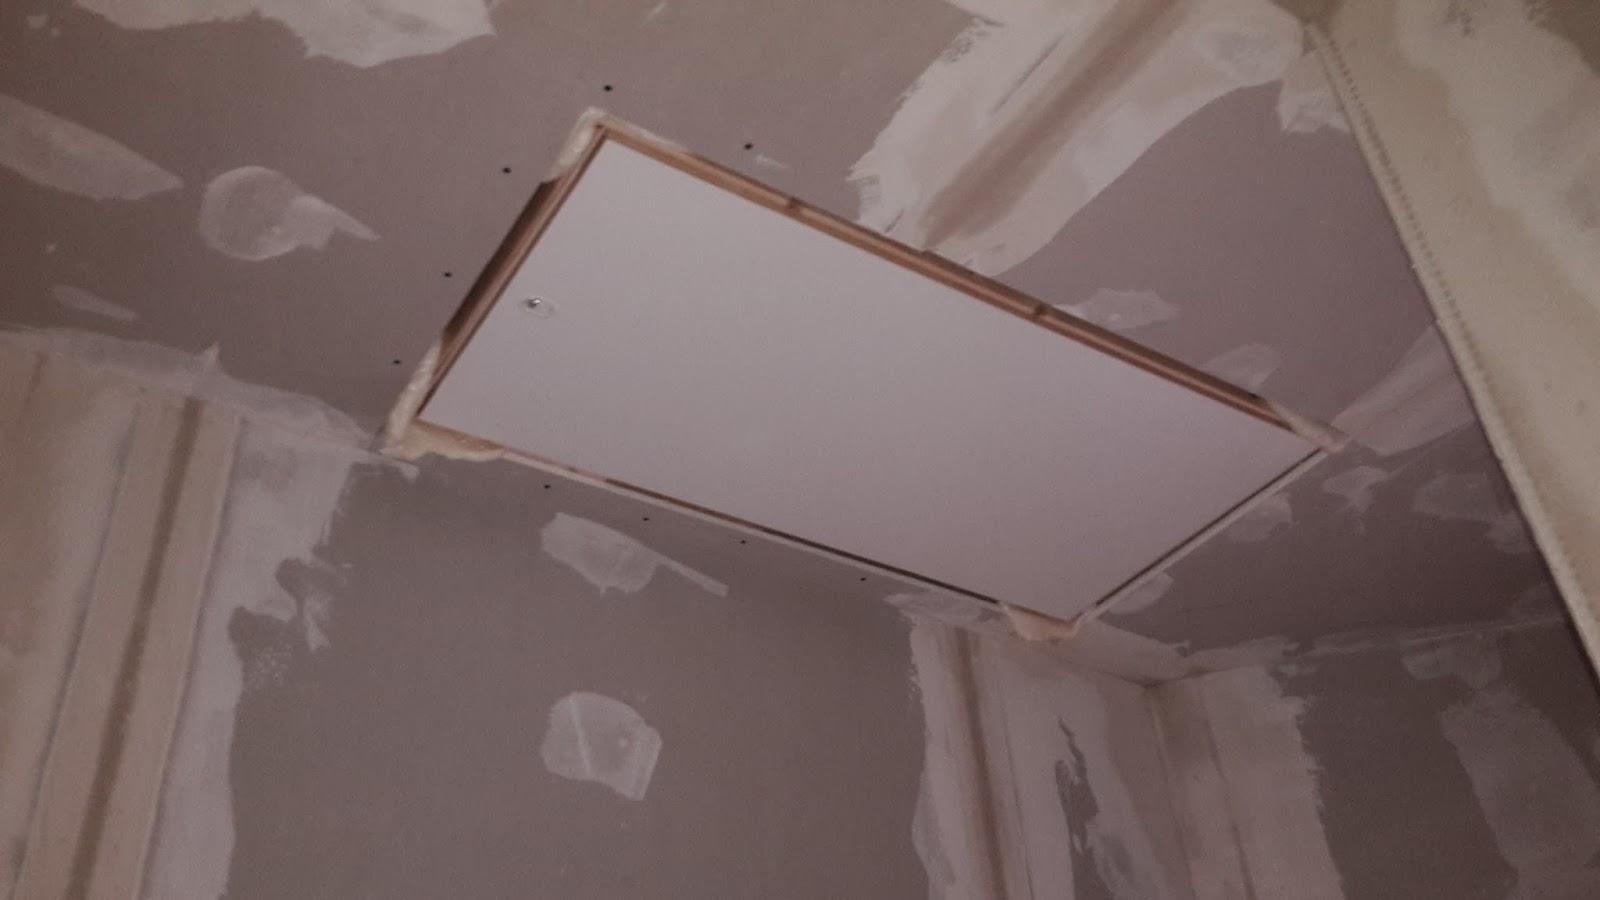 dachboden ausbauen anleitung cheap dachboden ausbauen tipps fr die planung with dachboden. Black Bedroom Furniture Sets. Home Design Ideas